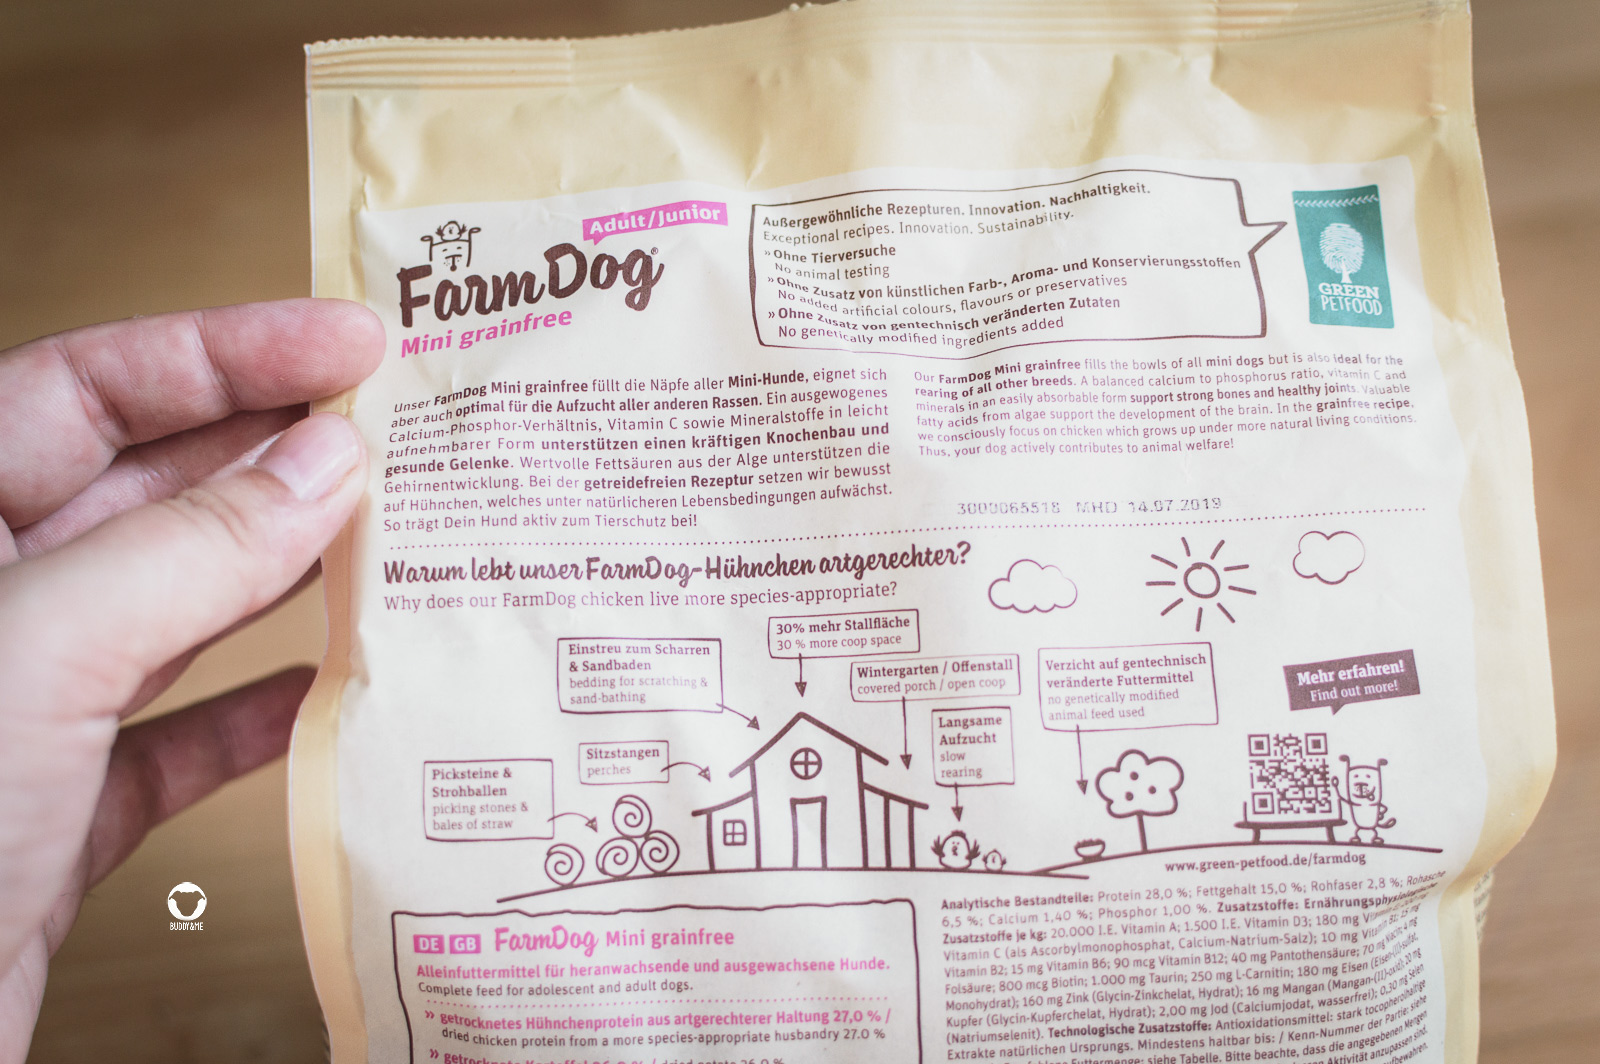 Pinscher Buddy, Buddy and Me, Hundeblog, Dogblog, Produkttest, Kooperation, Hundefutter, Premiumfutter, Green Petfood, Allergiker, Futtermittelunverträglichkeit, hochwertig, Tierschutz, artgerecht, regionale Rohstoffe, kleine Rassen, FarmDog Mini grainfree, Test, Testbericht, Erfahrungen, Barfen